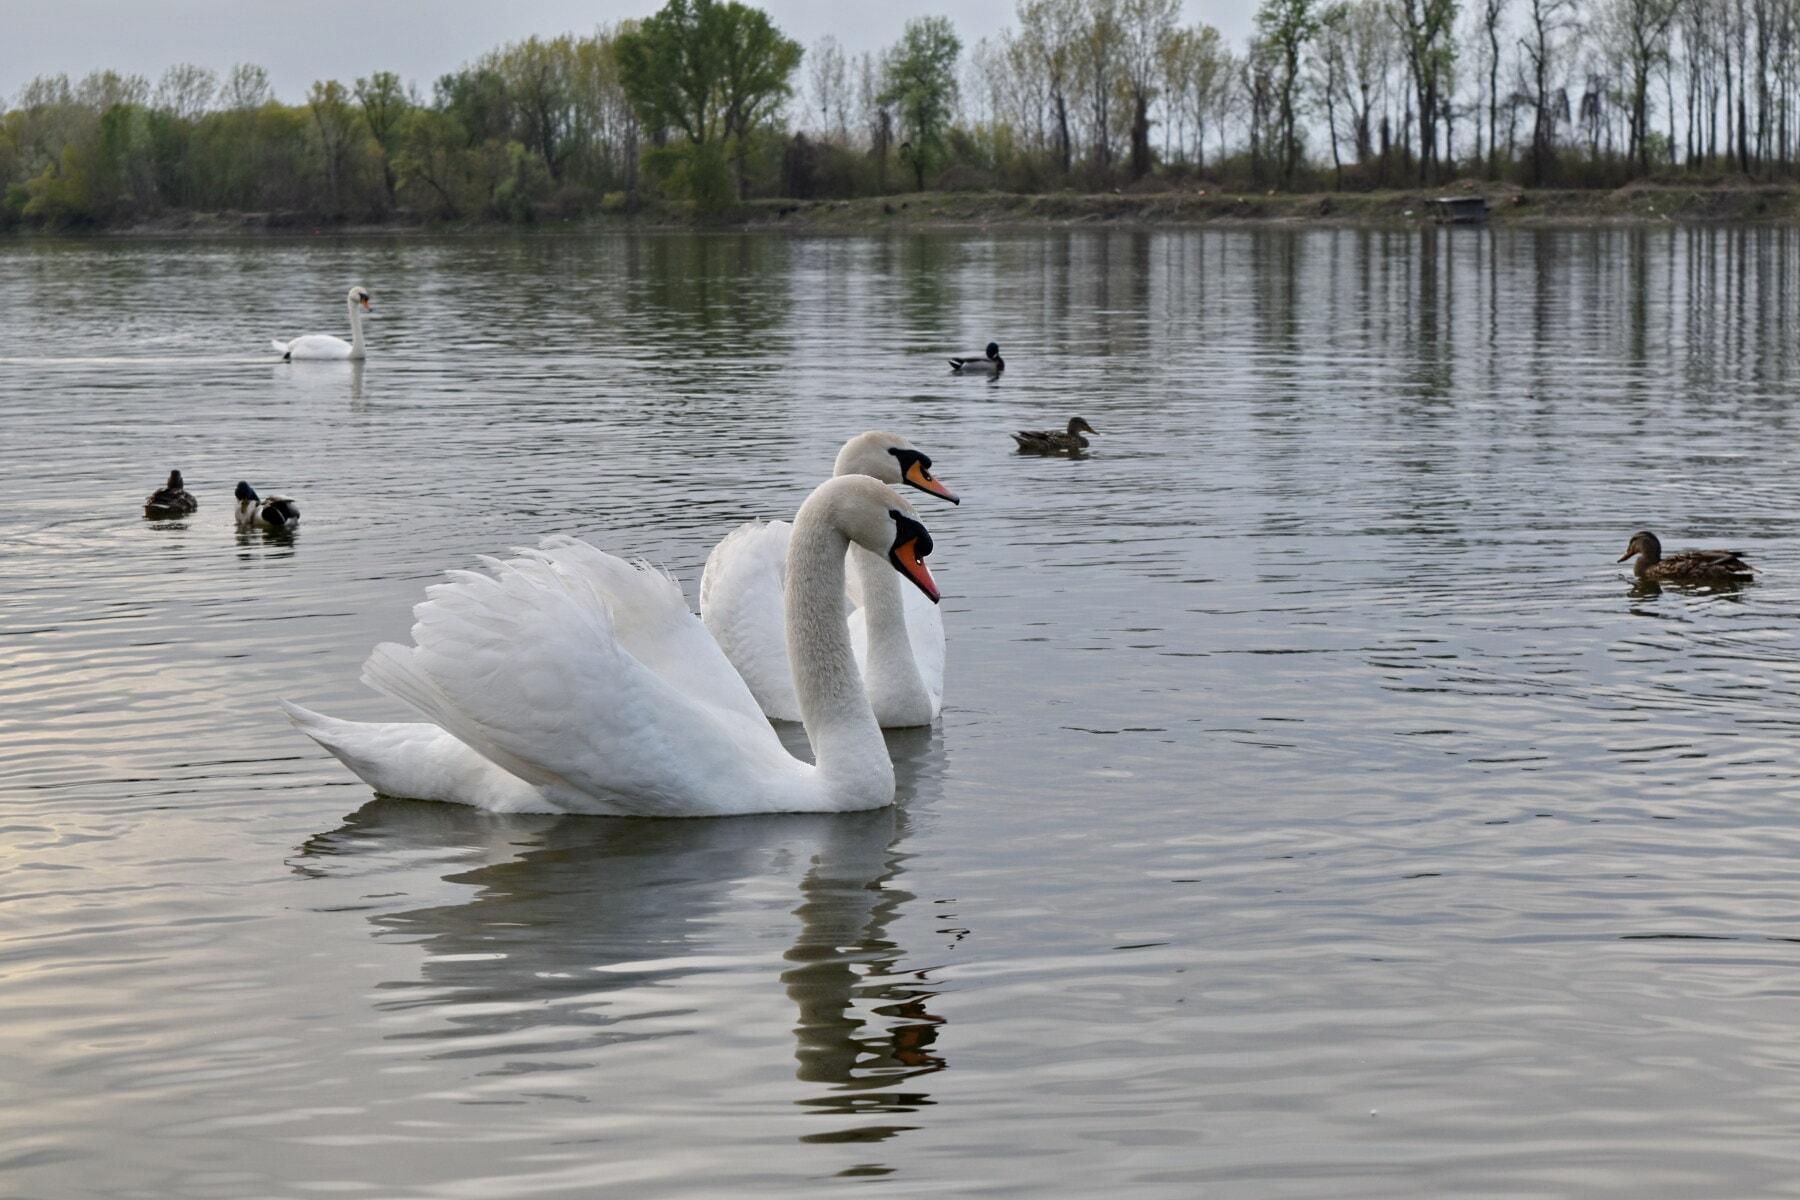 oiseaux, cygne, canards, au bord du lac, sauvagine, Lac, eau, piscine, canard, réflexion